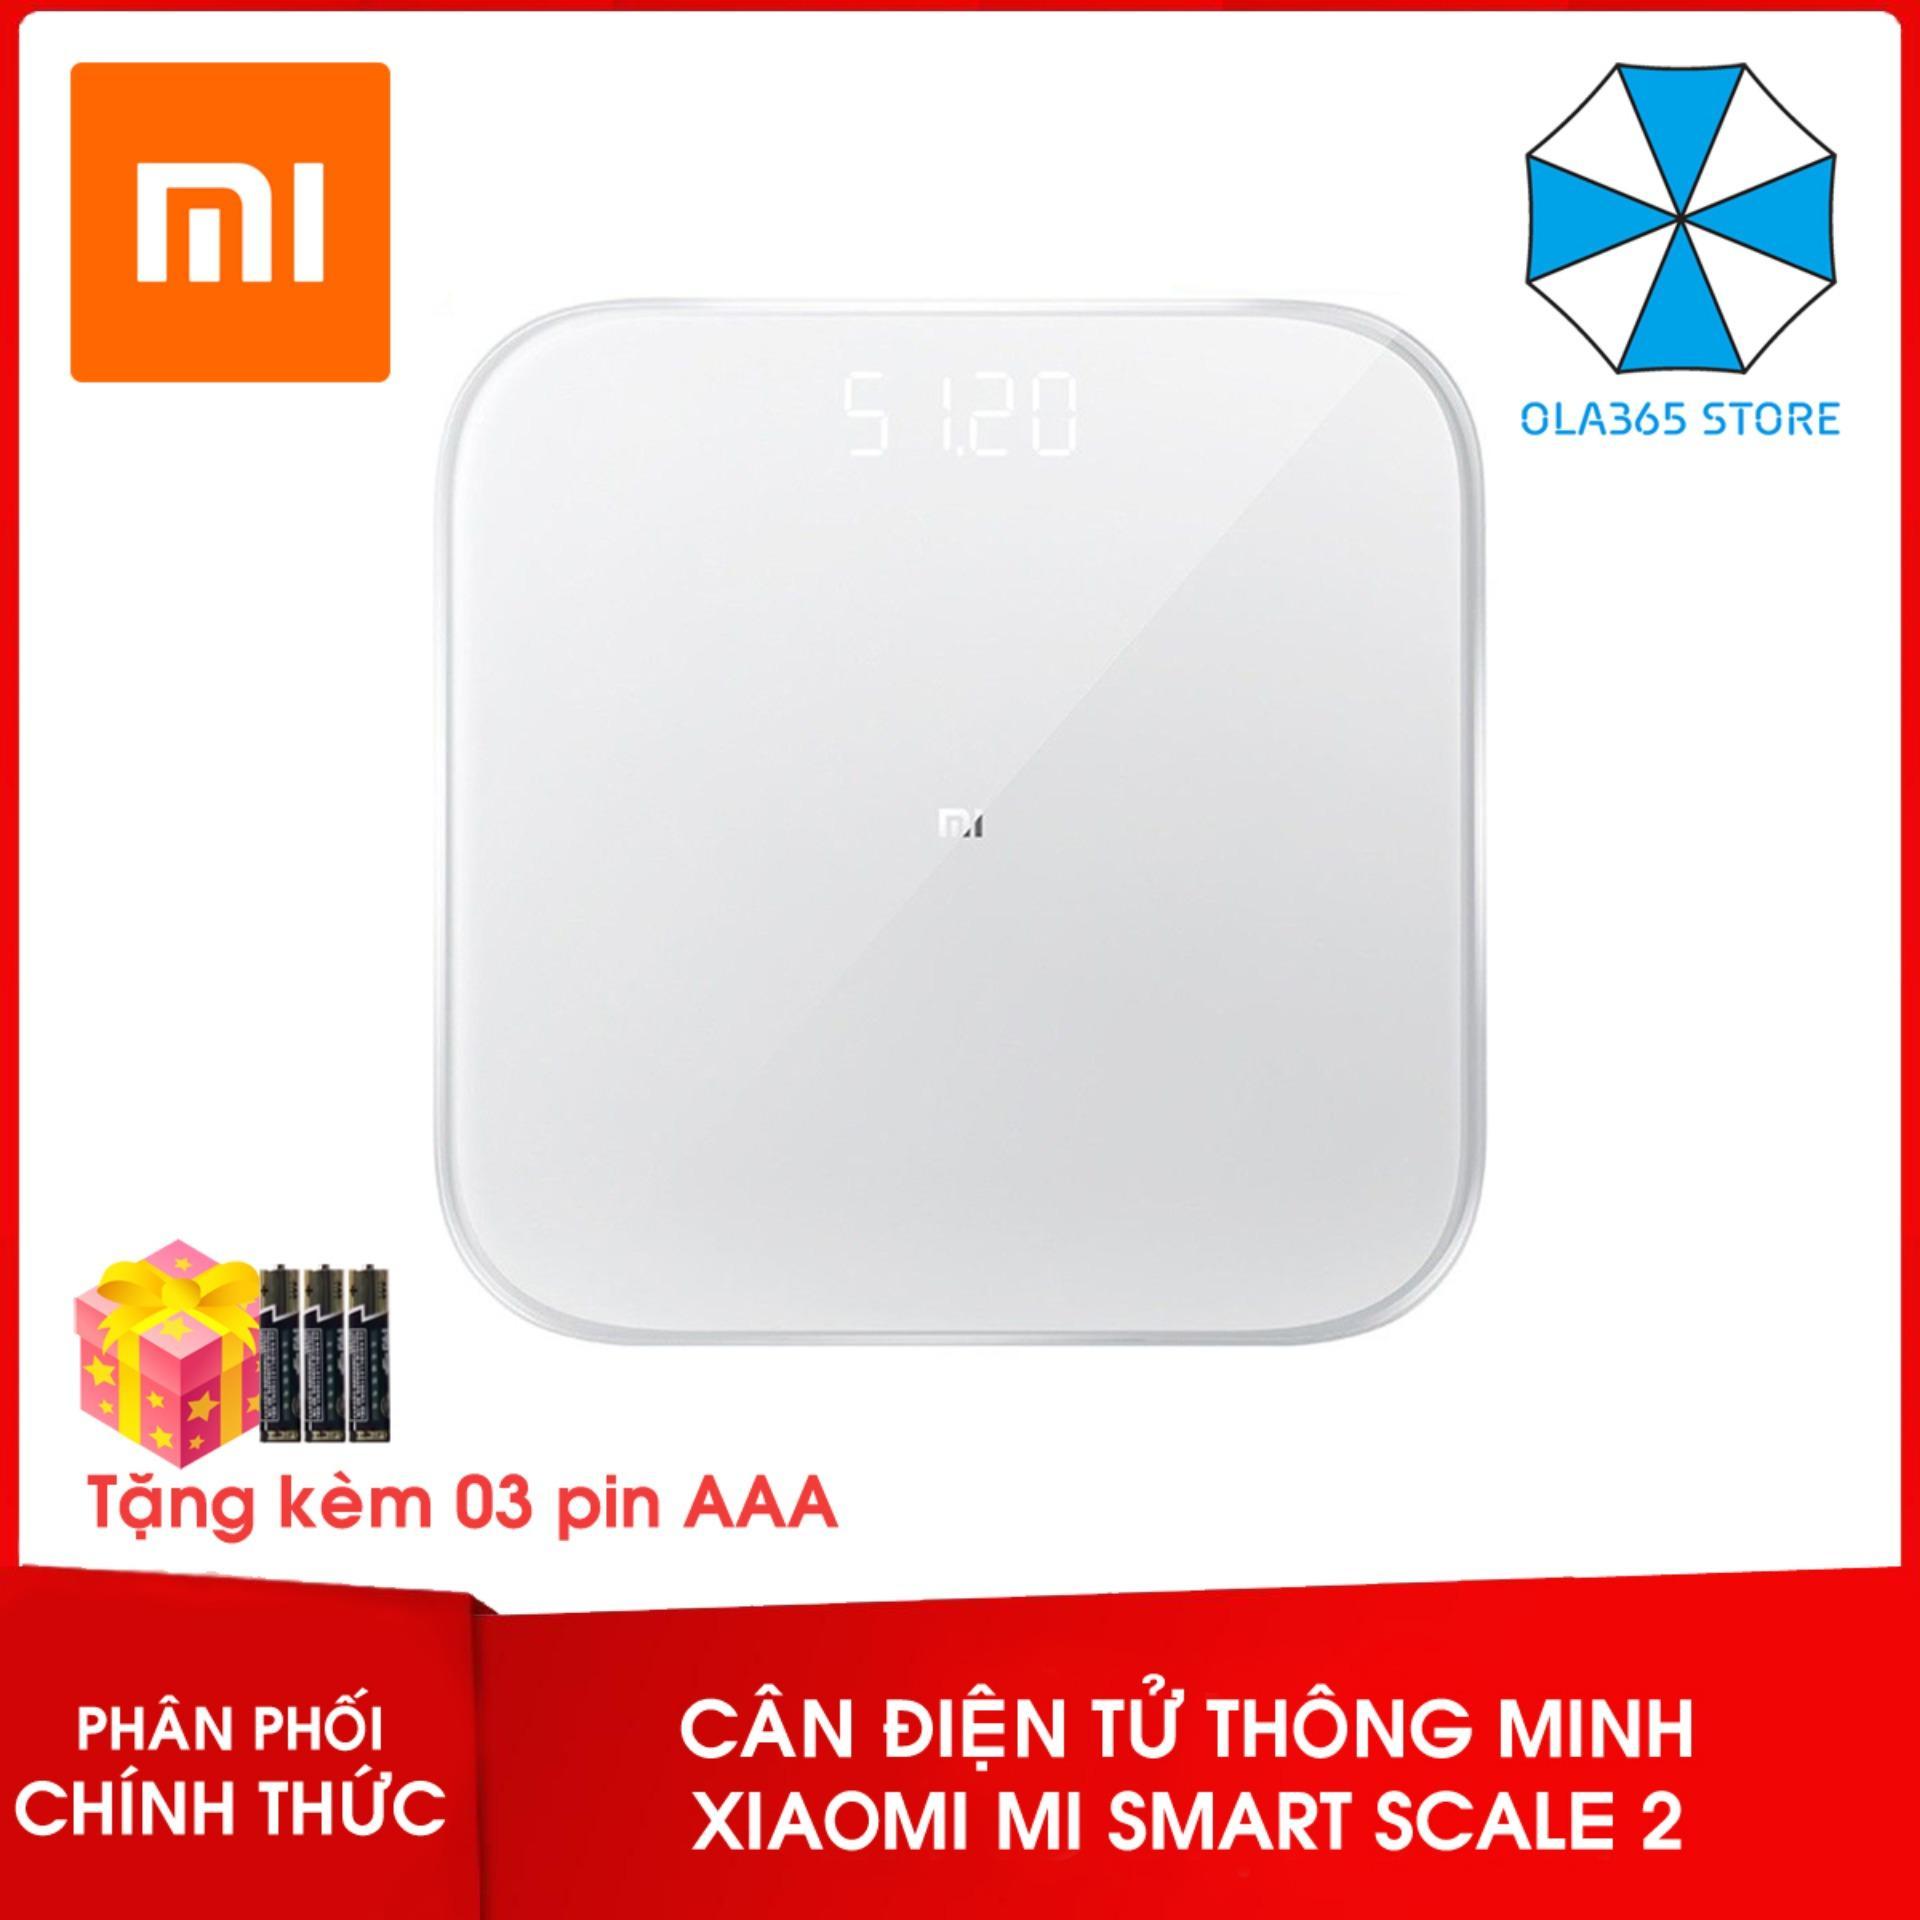 Cân điện tử thông minh Xiaomi Mi Smart Scale 2 version 2019